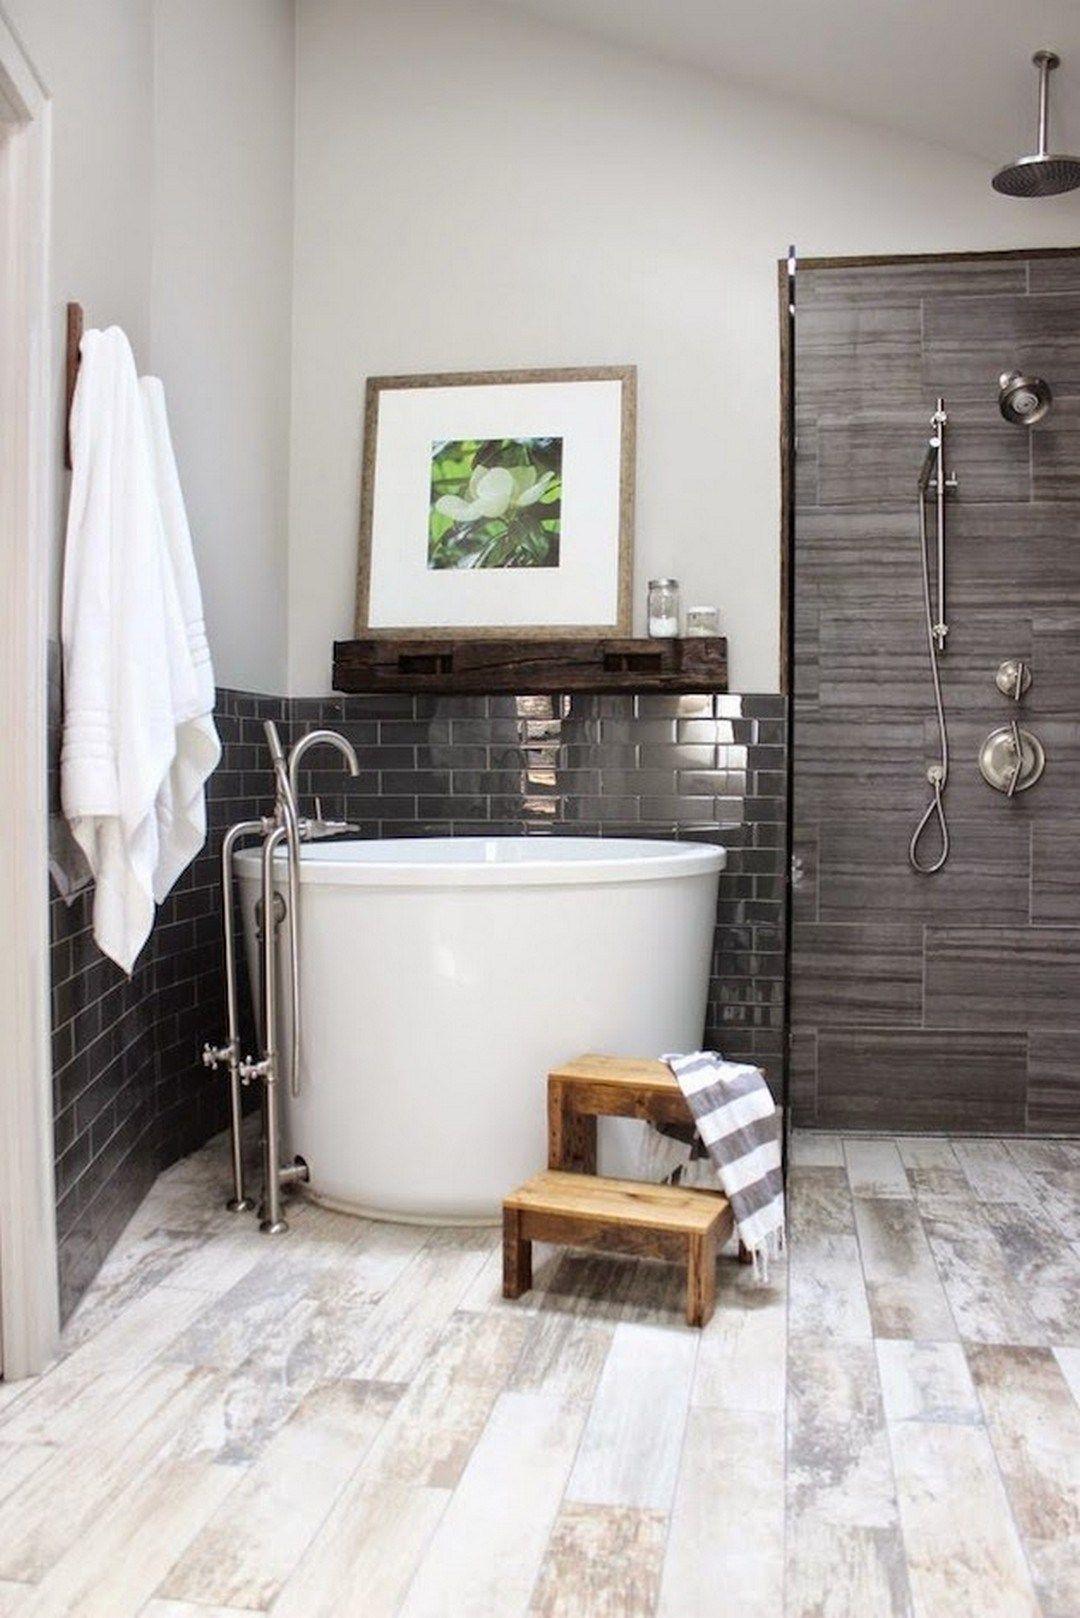 17+ Bathroom Tiles Design Ideas For The Beauty Of The Bathroom Decor ...